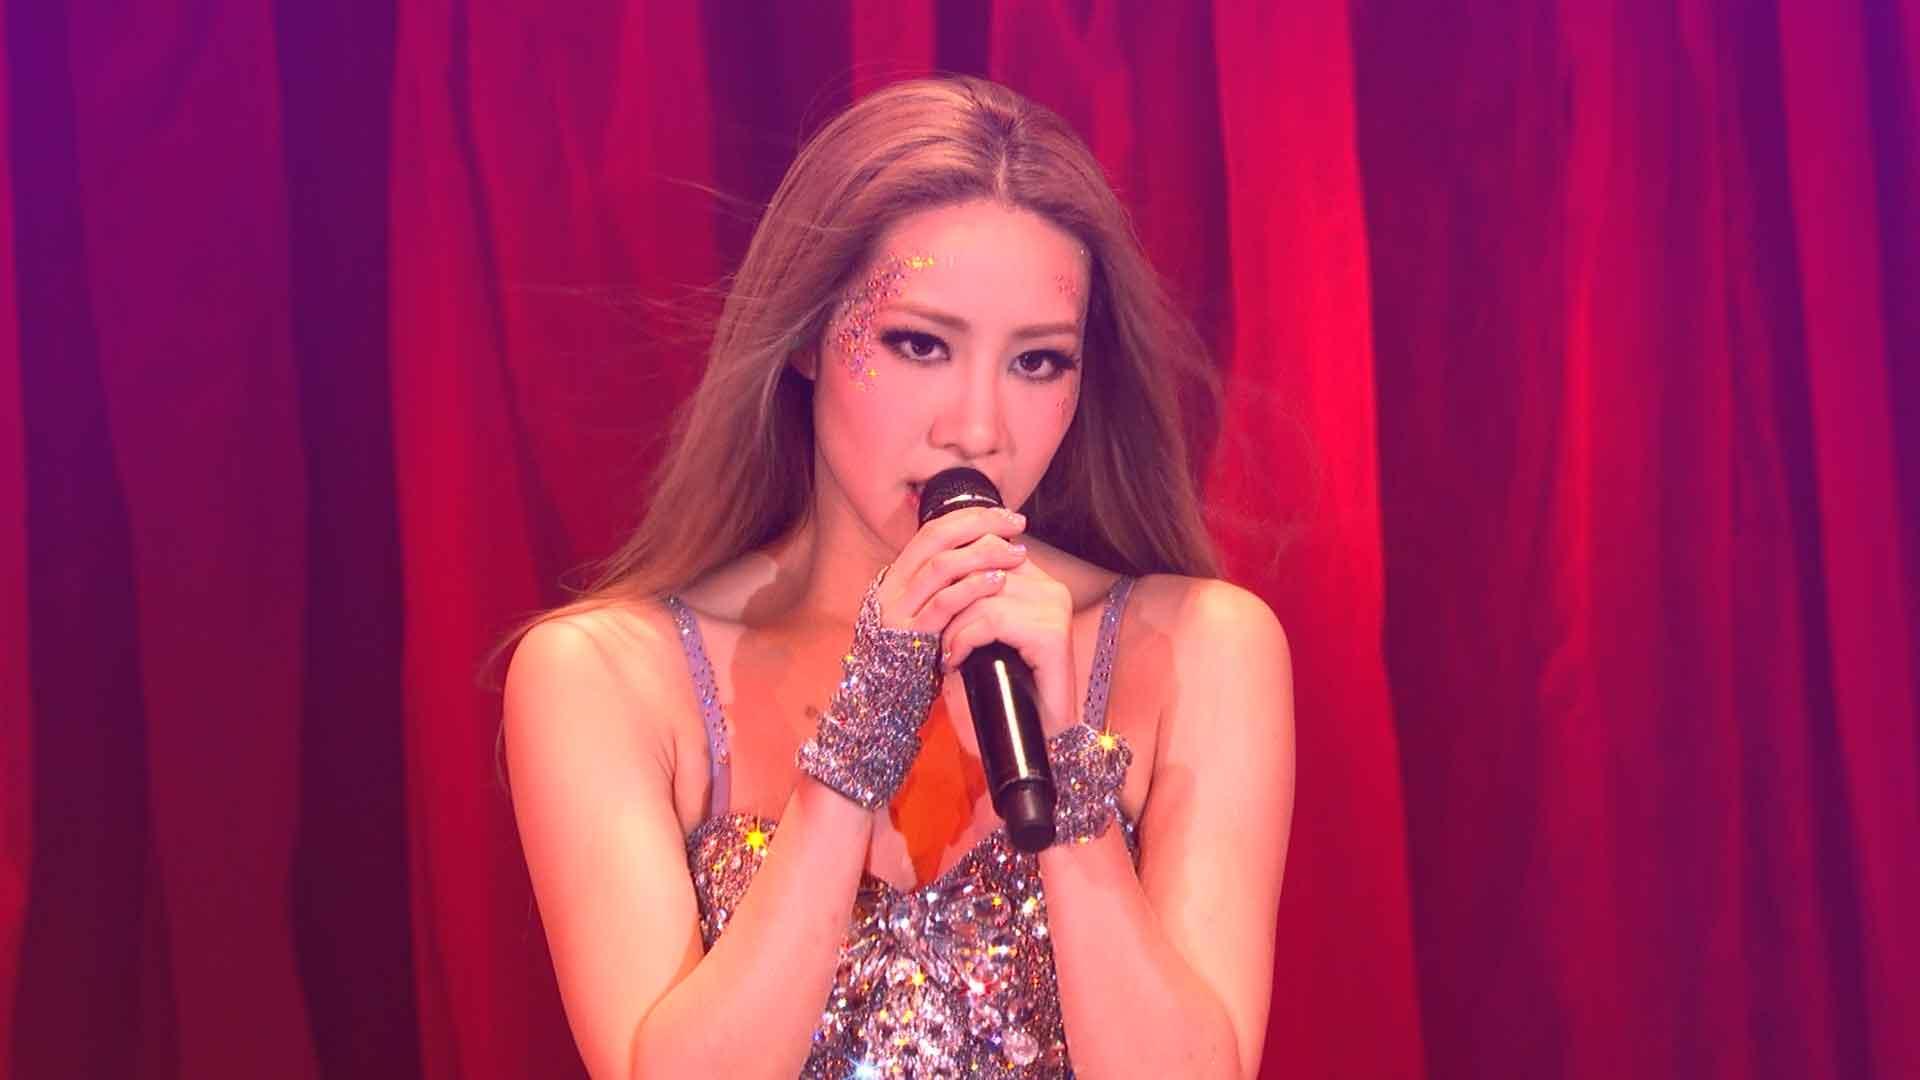 [蓝光原盘] 吴雨霏 The Present Concert 红馆演唱会2013《BDMV 34.9G》